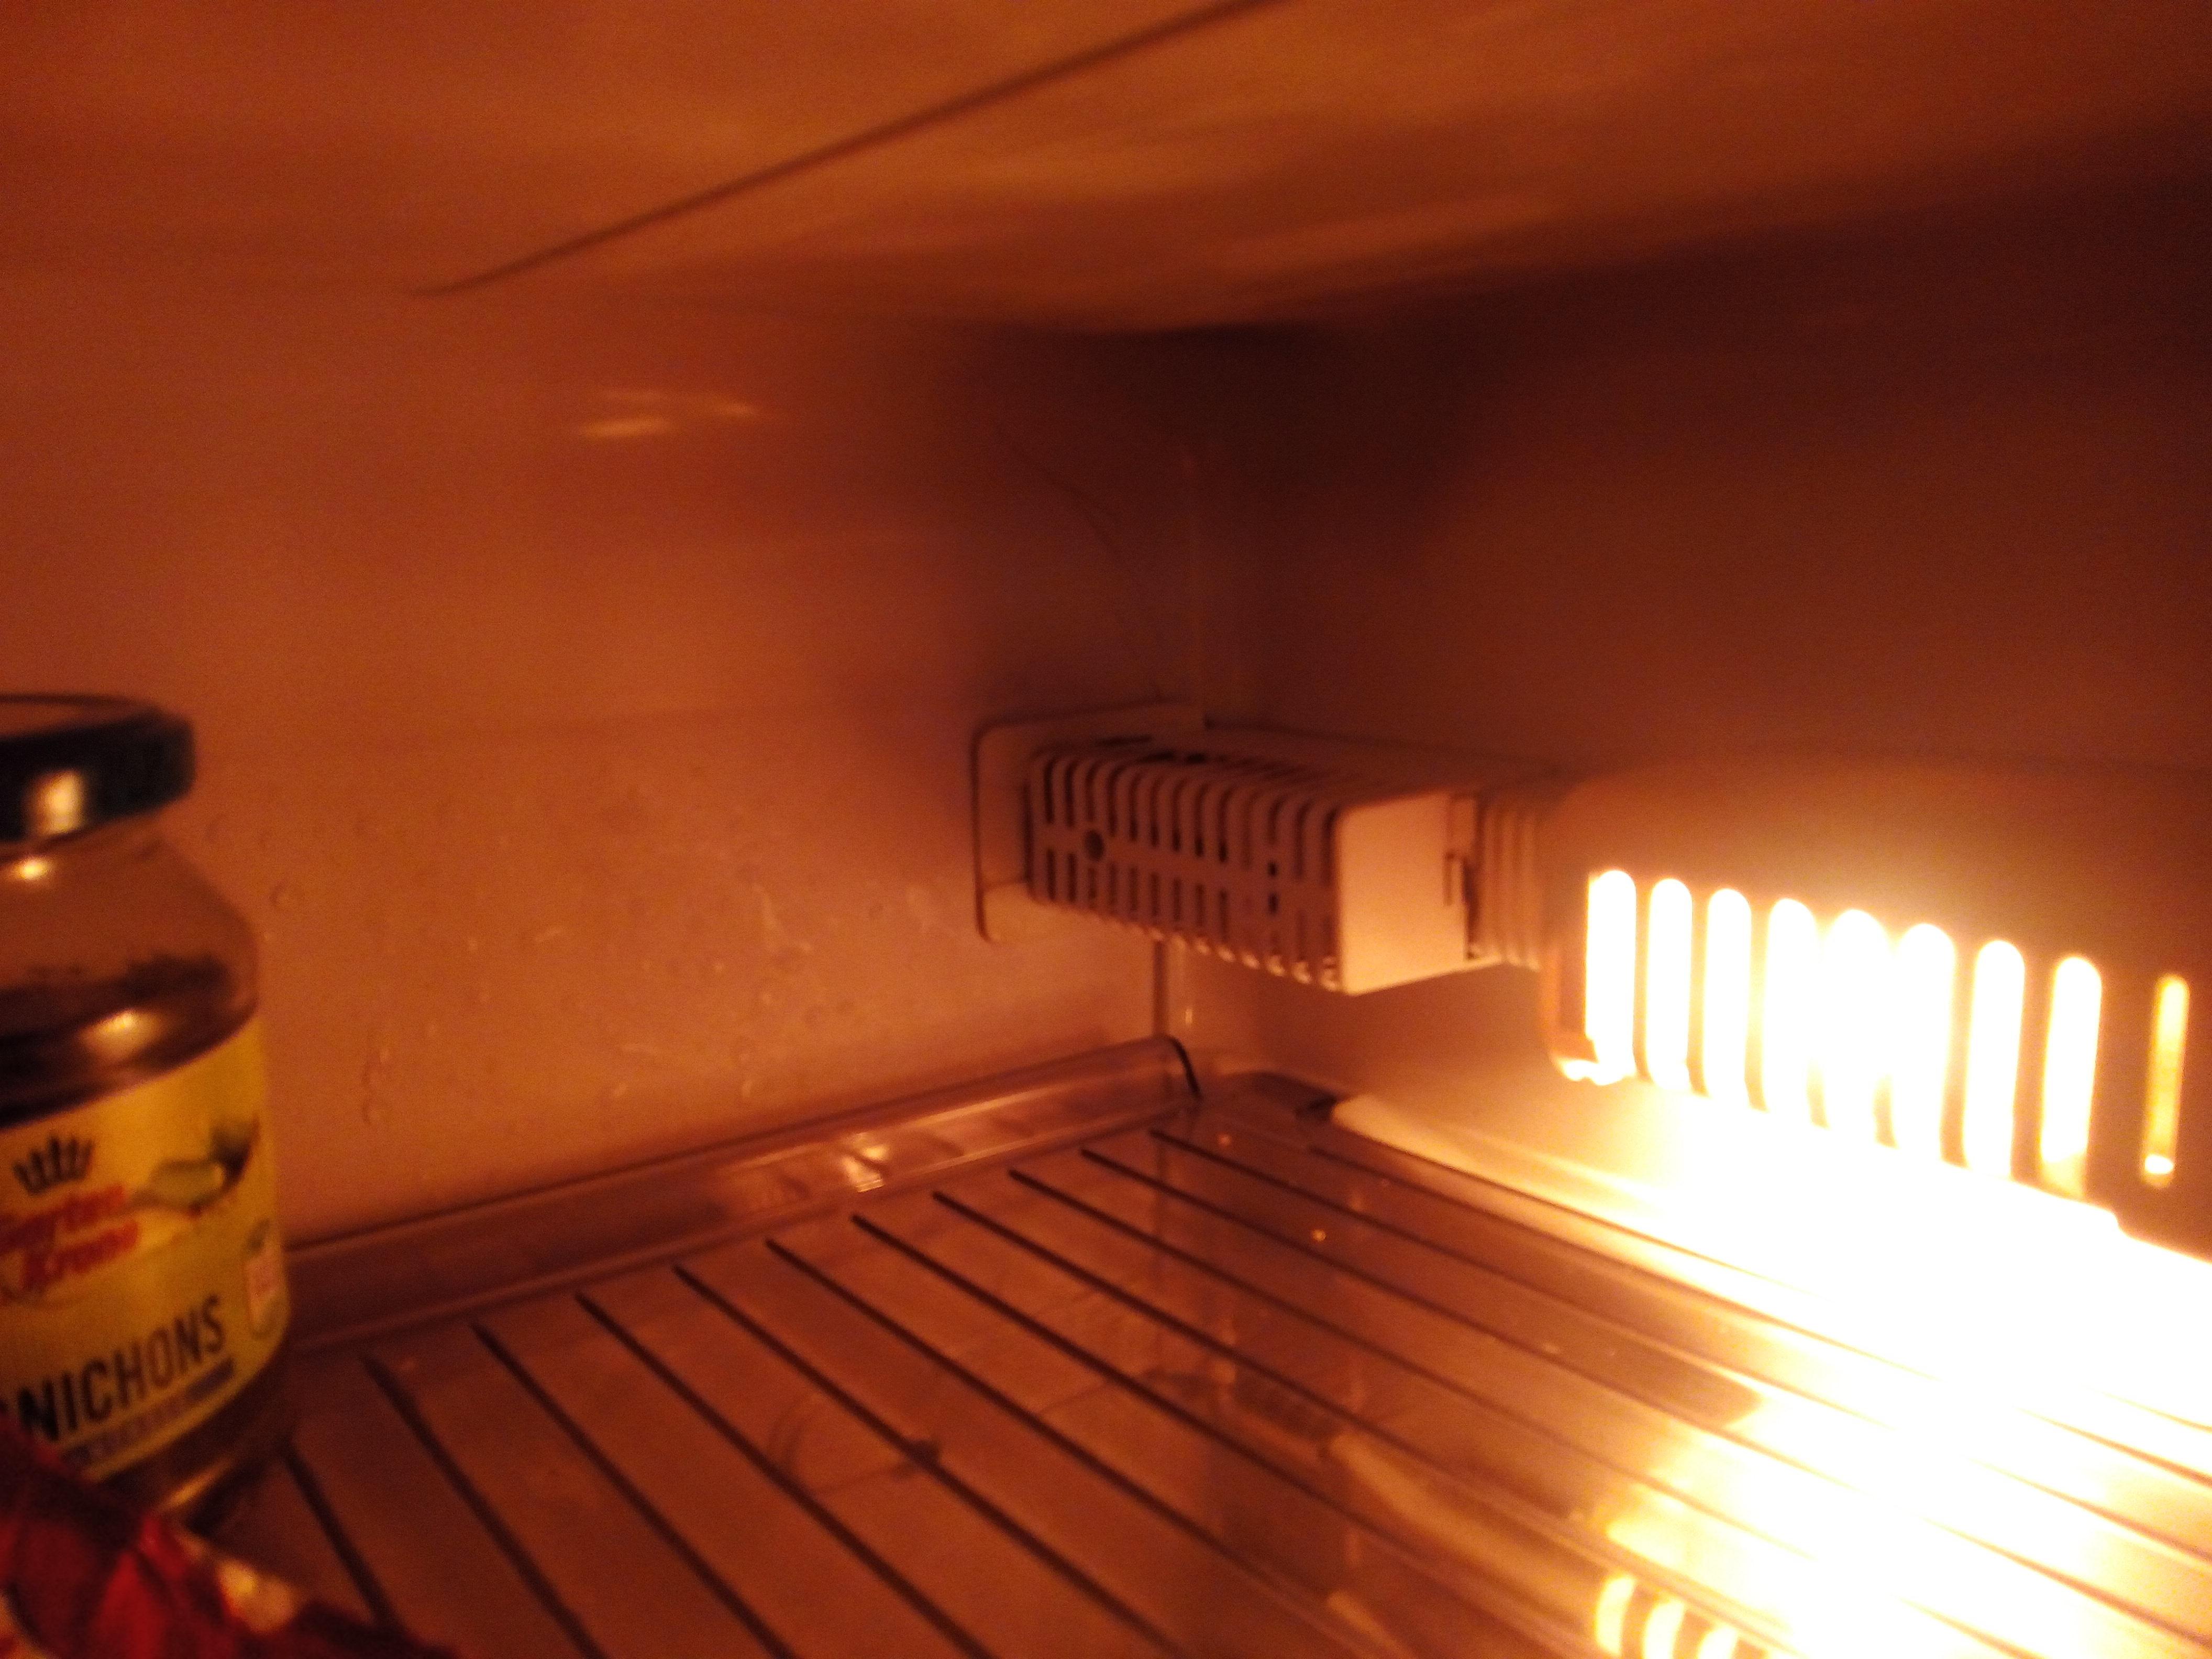 Bosch Kühlschrank Zu Warm : Kühlschrank marke alno wird hinten sehr heiß wer weiss was